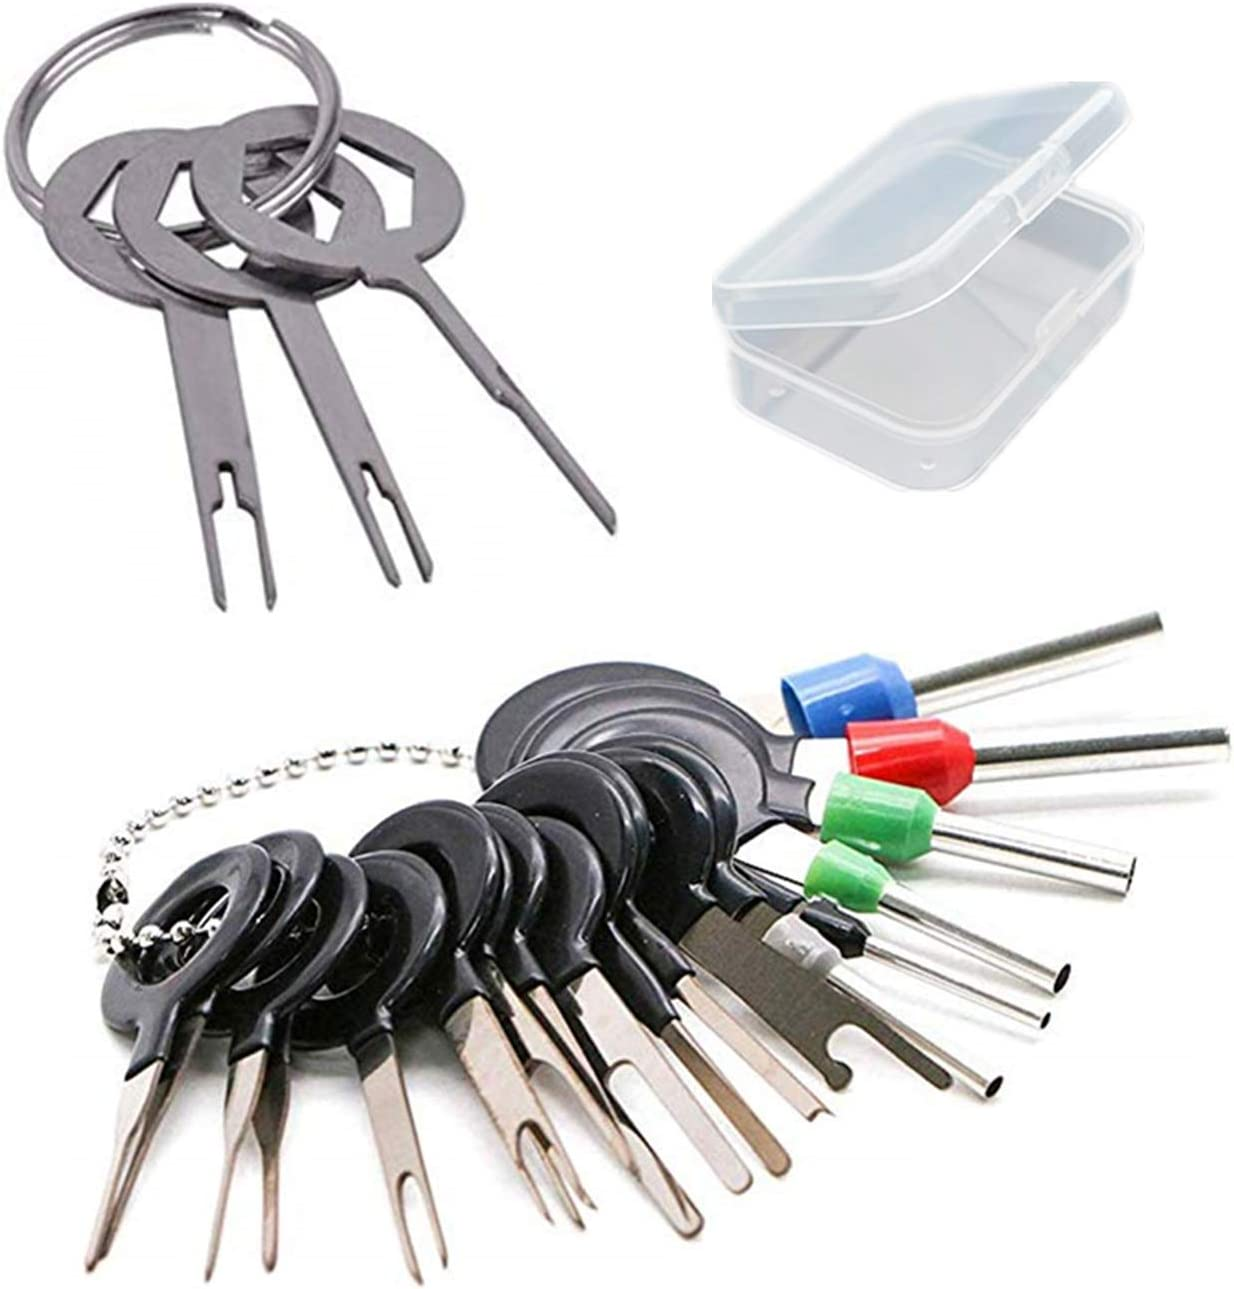 Youu 21 Stück Pin Extractor Tool Entriegelungswerkzeug Auspinn Werkzeug Handwerkzeug Set Für Flach Und Rundsteckkontakte Mit Aufbewahrungsbox Baumarkt